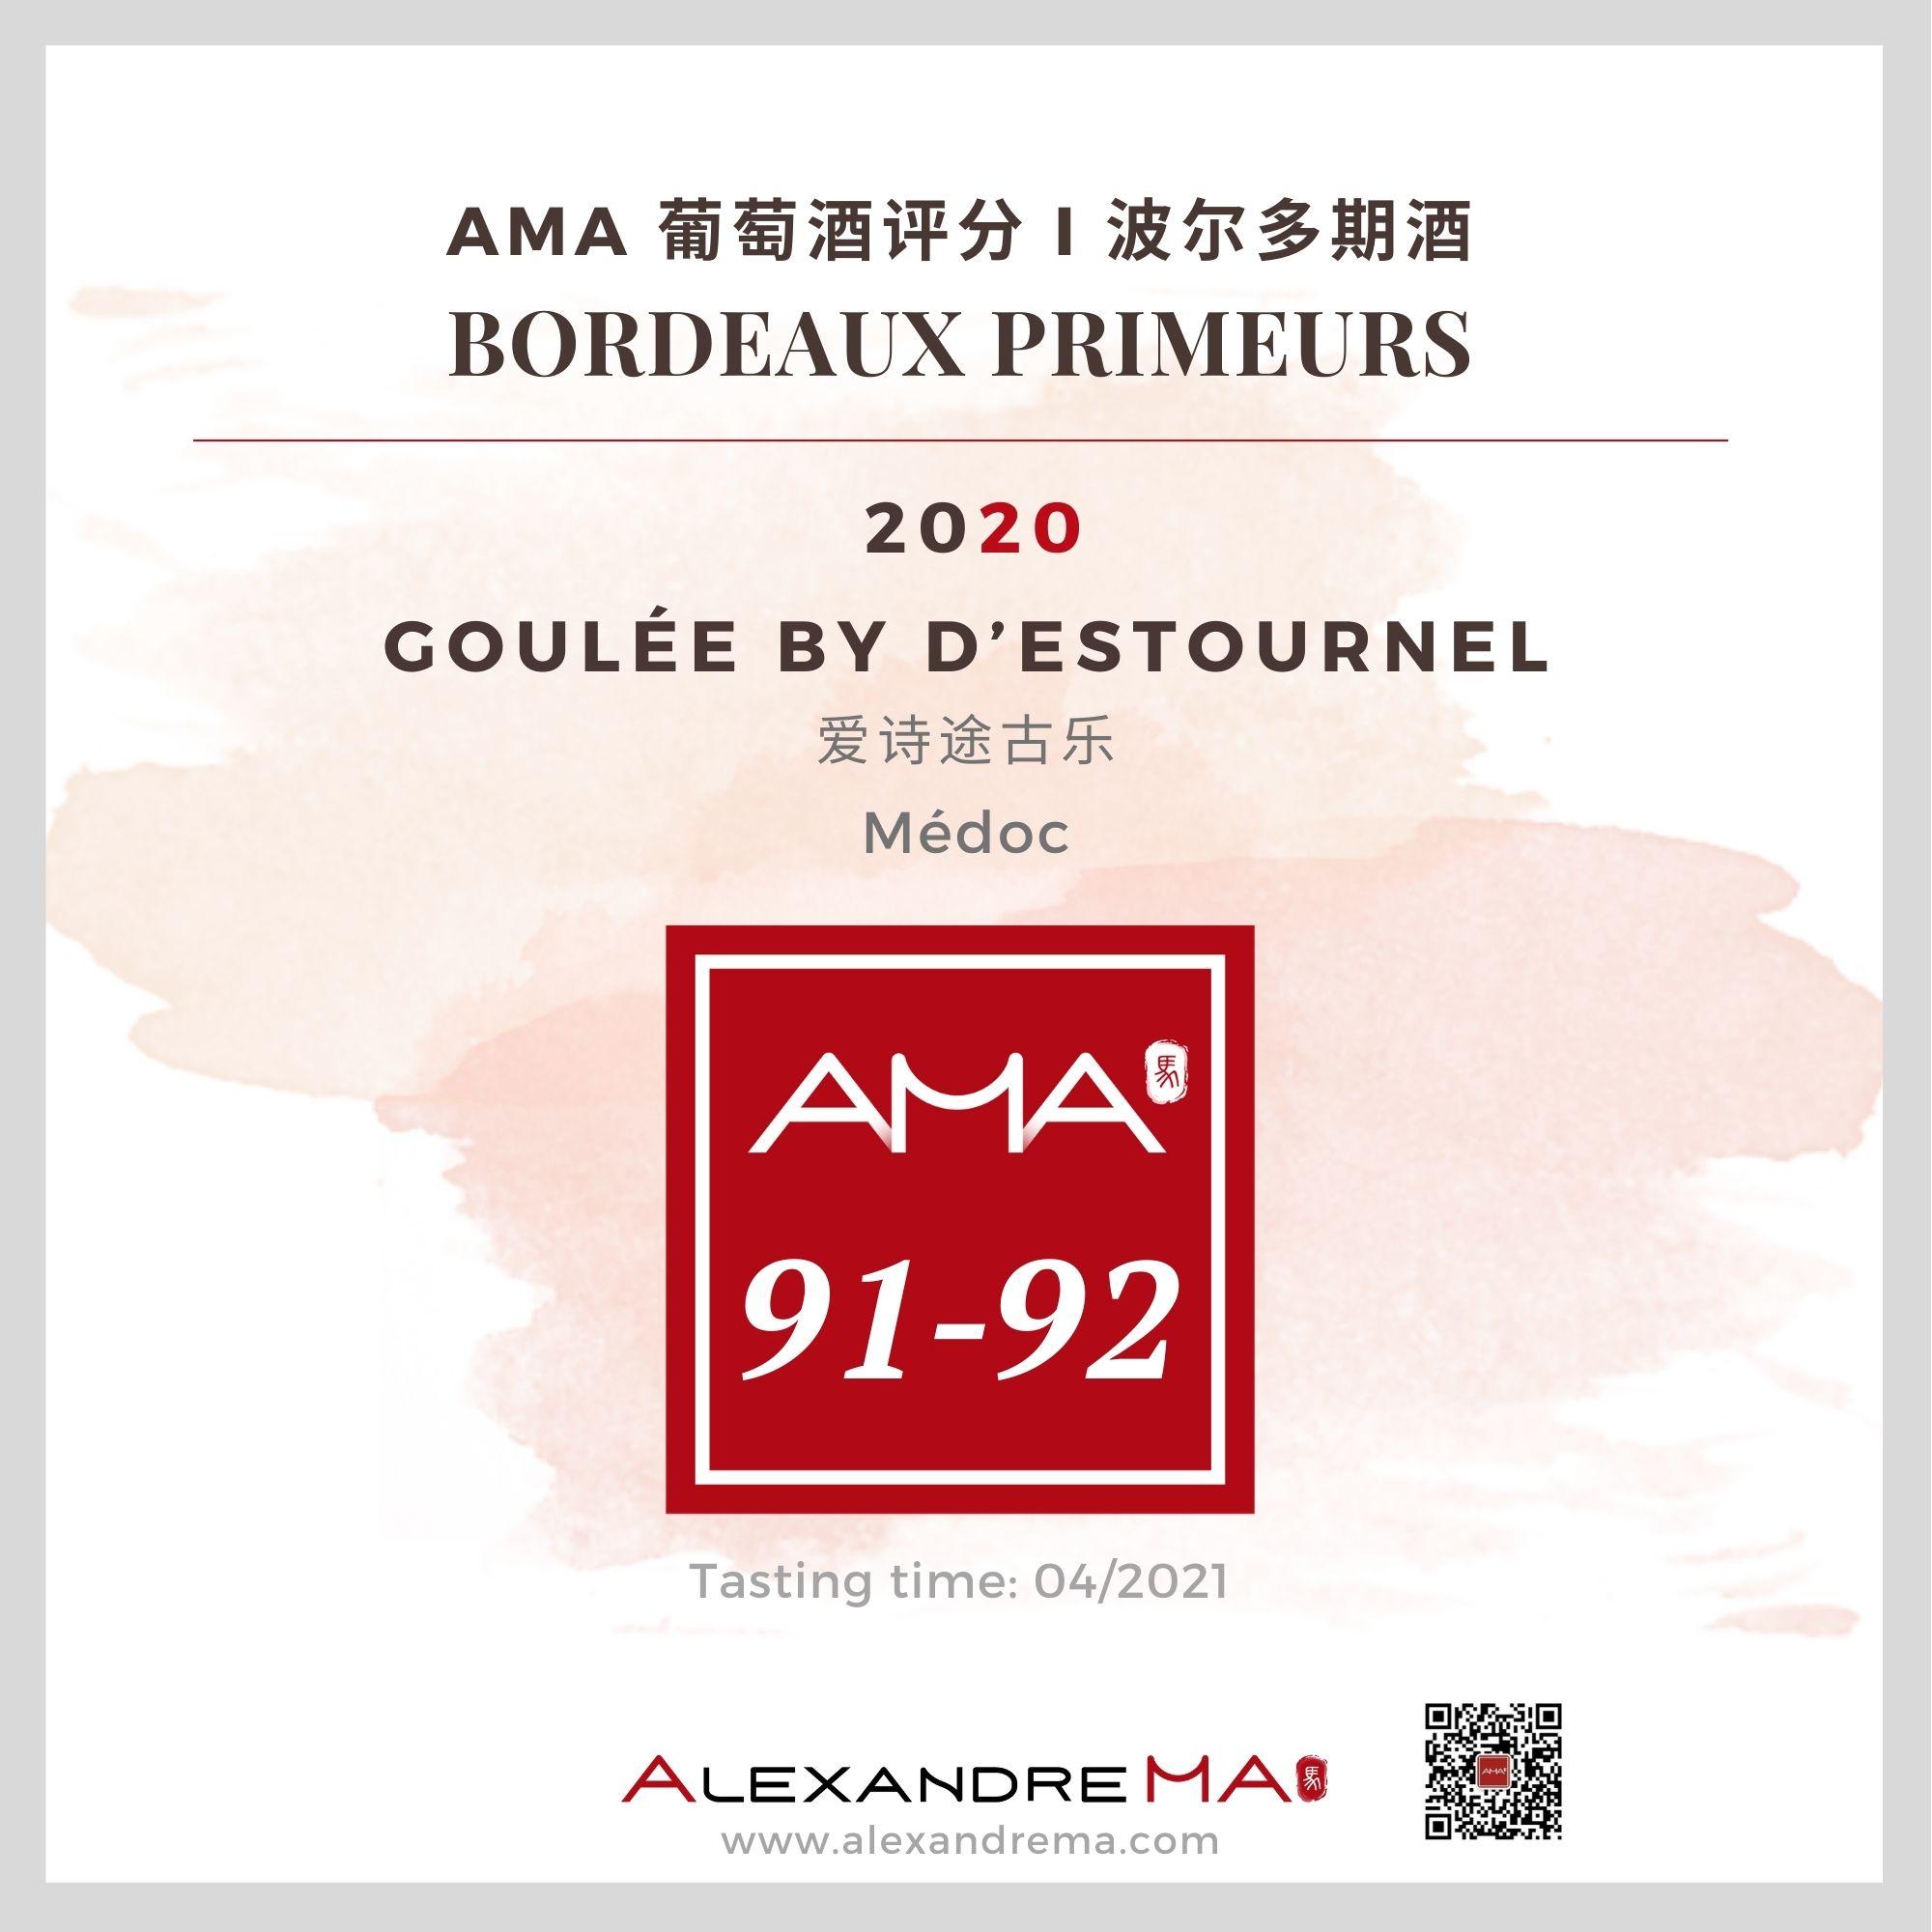 Château Cos d'Estournel – Goulée by d'Estournel – Red – 2020 – CN - Alexandre Ma